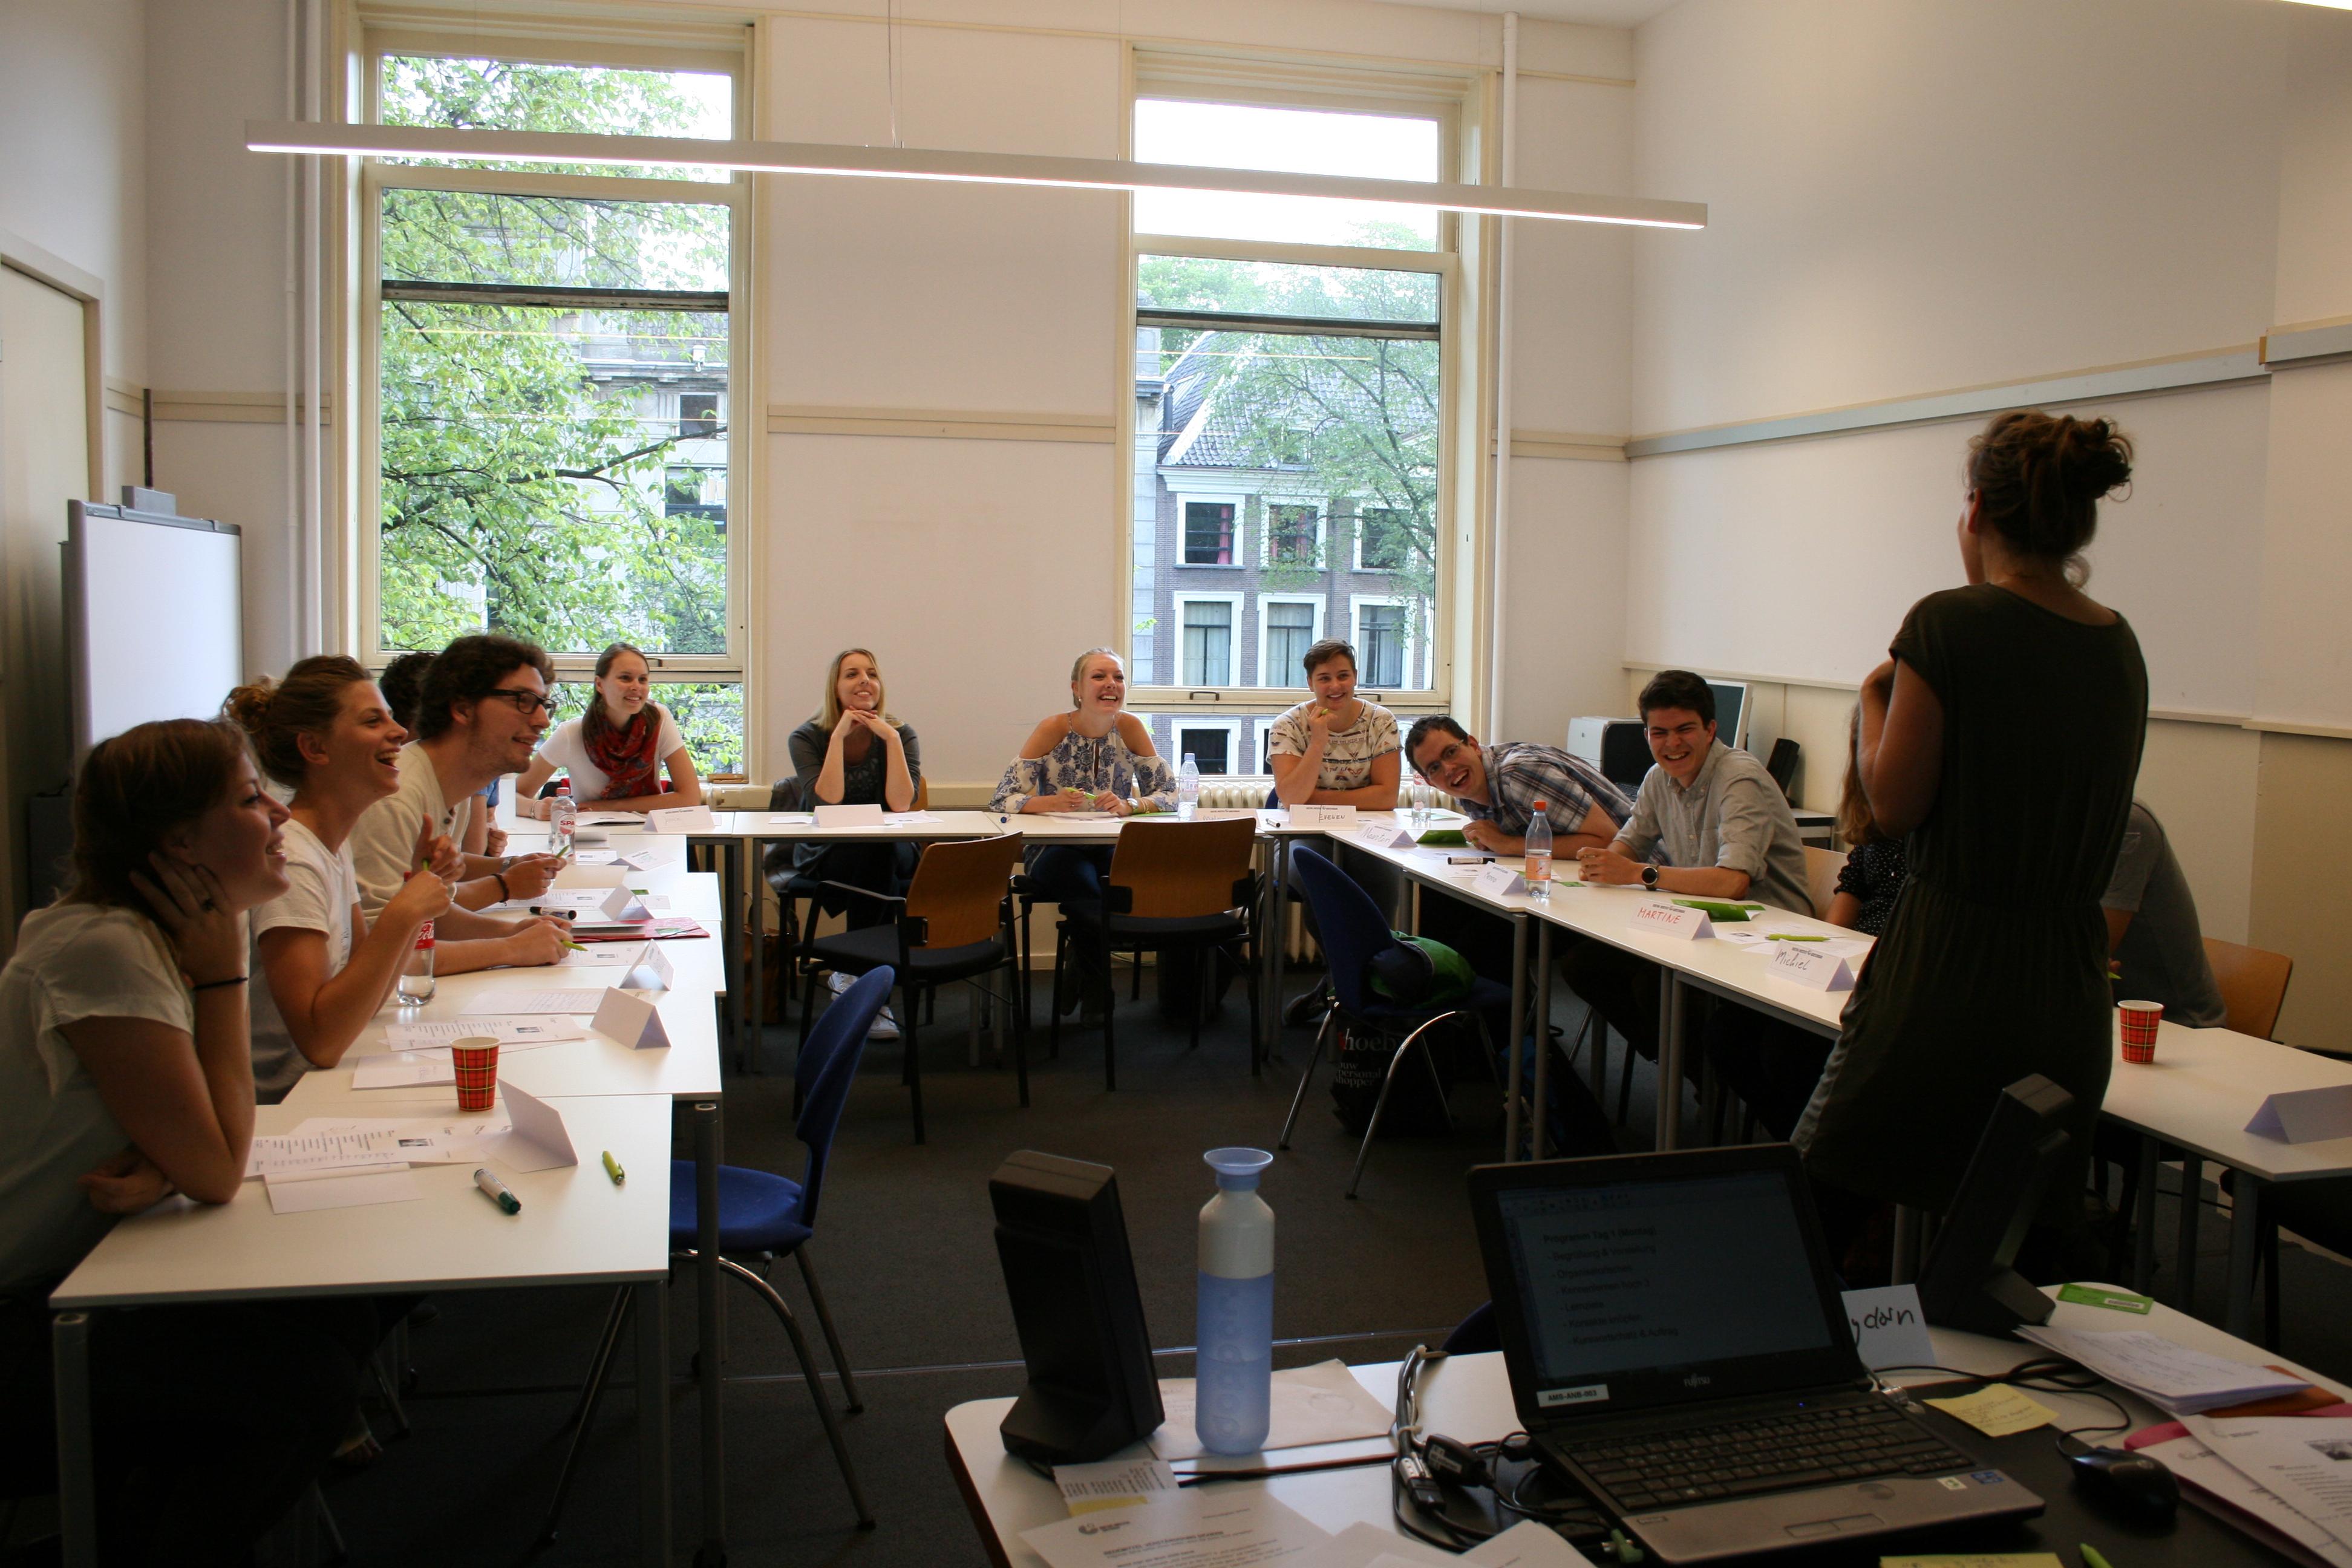 Studenten luisteren naar docente Julia Heydorn, tijdens onze zomercursus in augustus 2015.